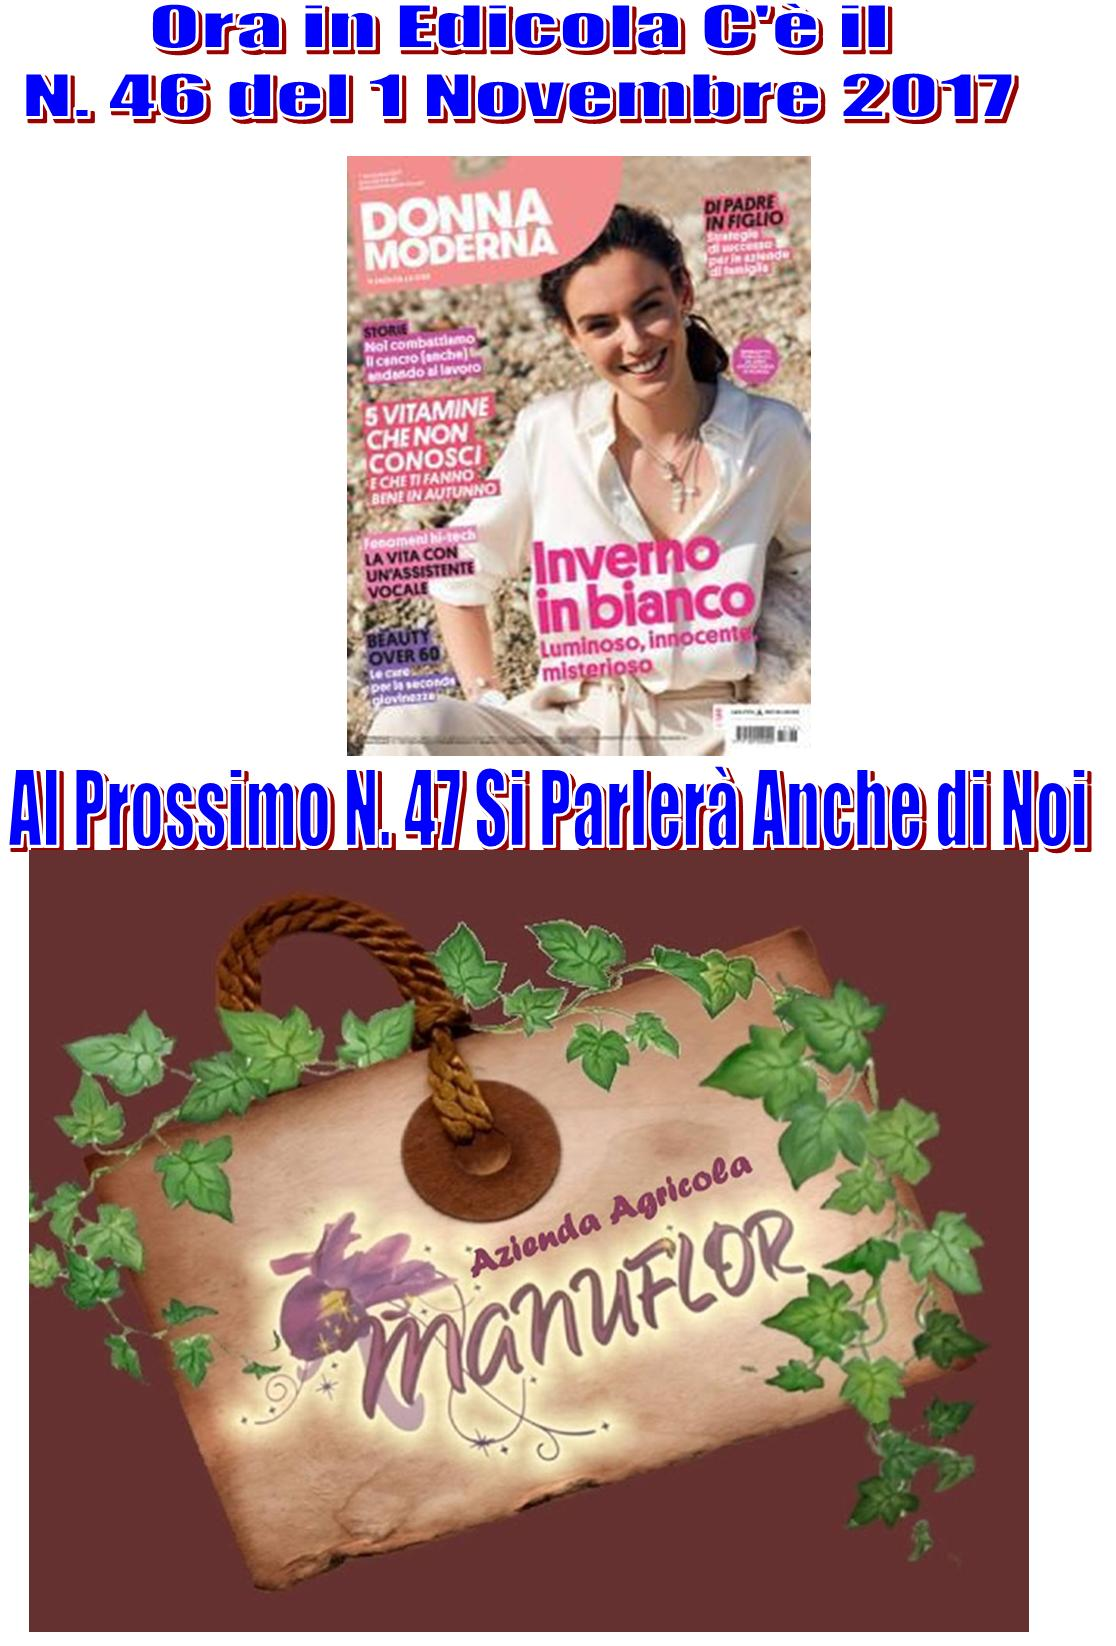 """Azienda Agricola #Manuflor Sarà Protagonista Su: """"Donna Moderna"""" il Settimanale"""